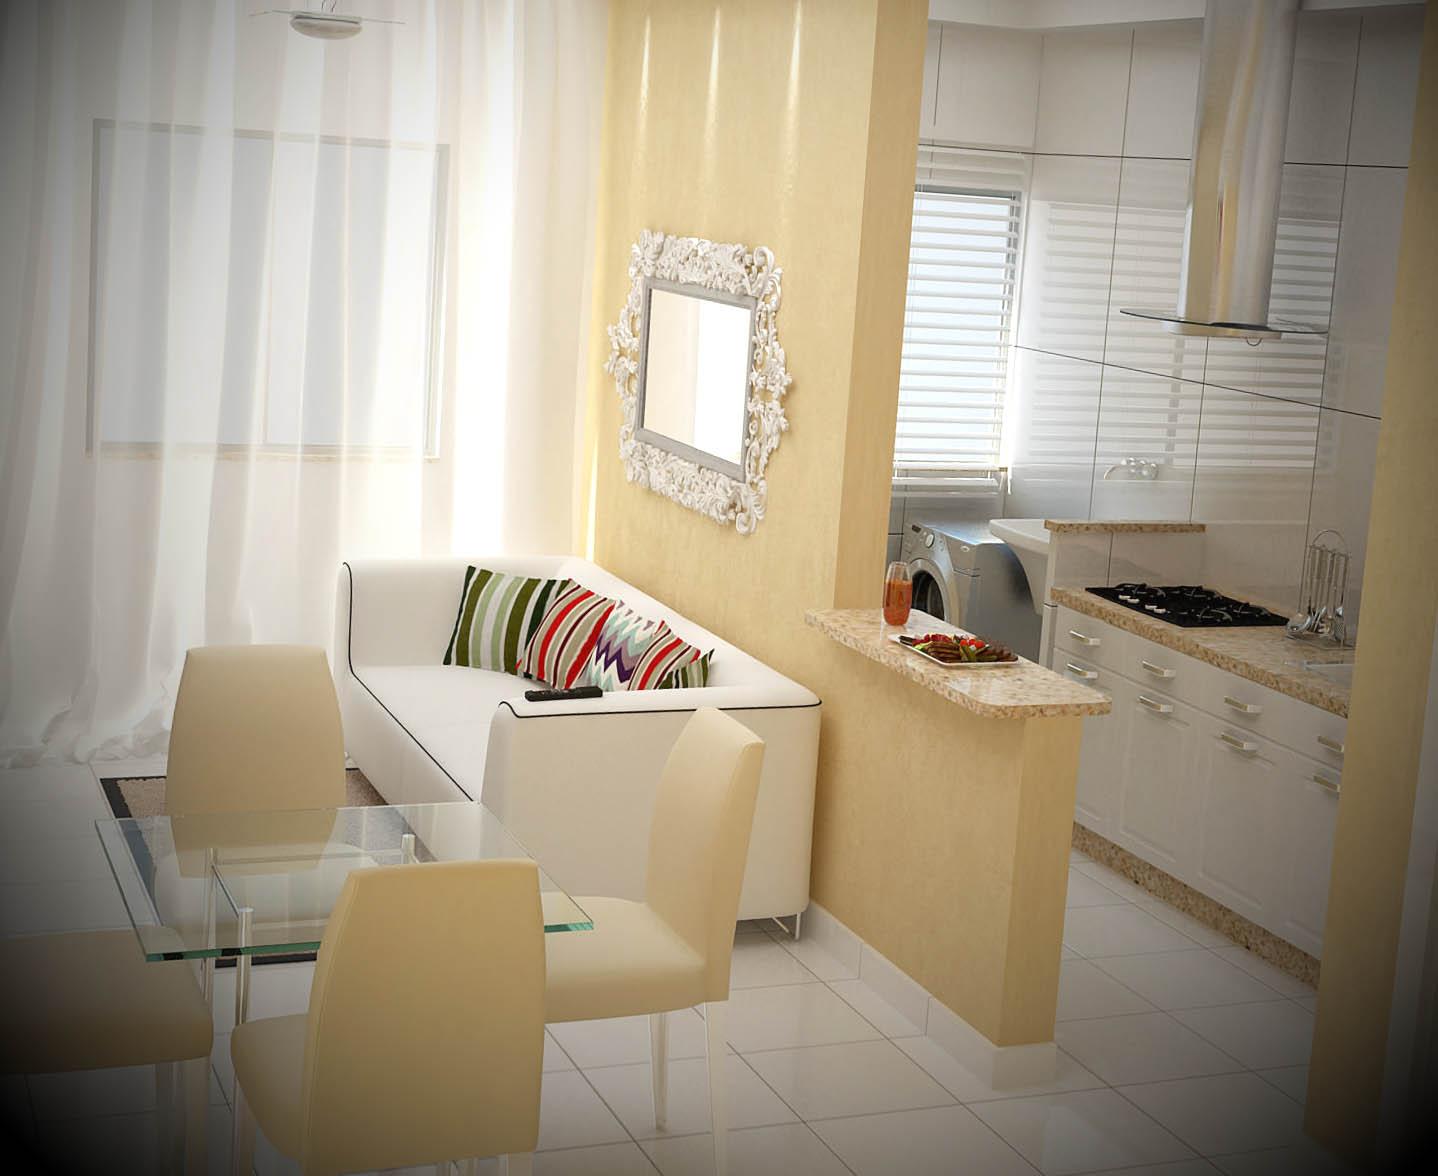 Another Image For cozinha americana com madeira rustica 311643 #AD231E 1438 1176